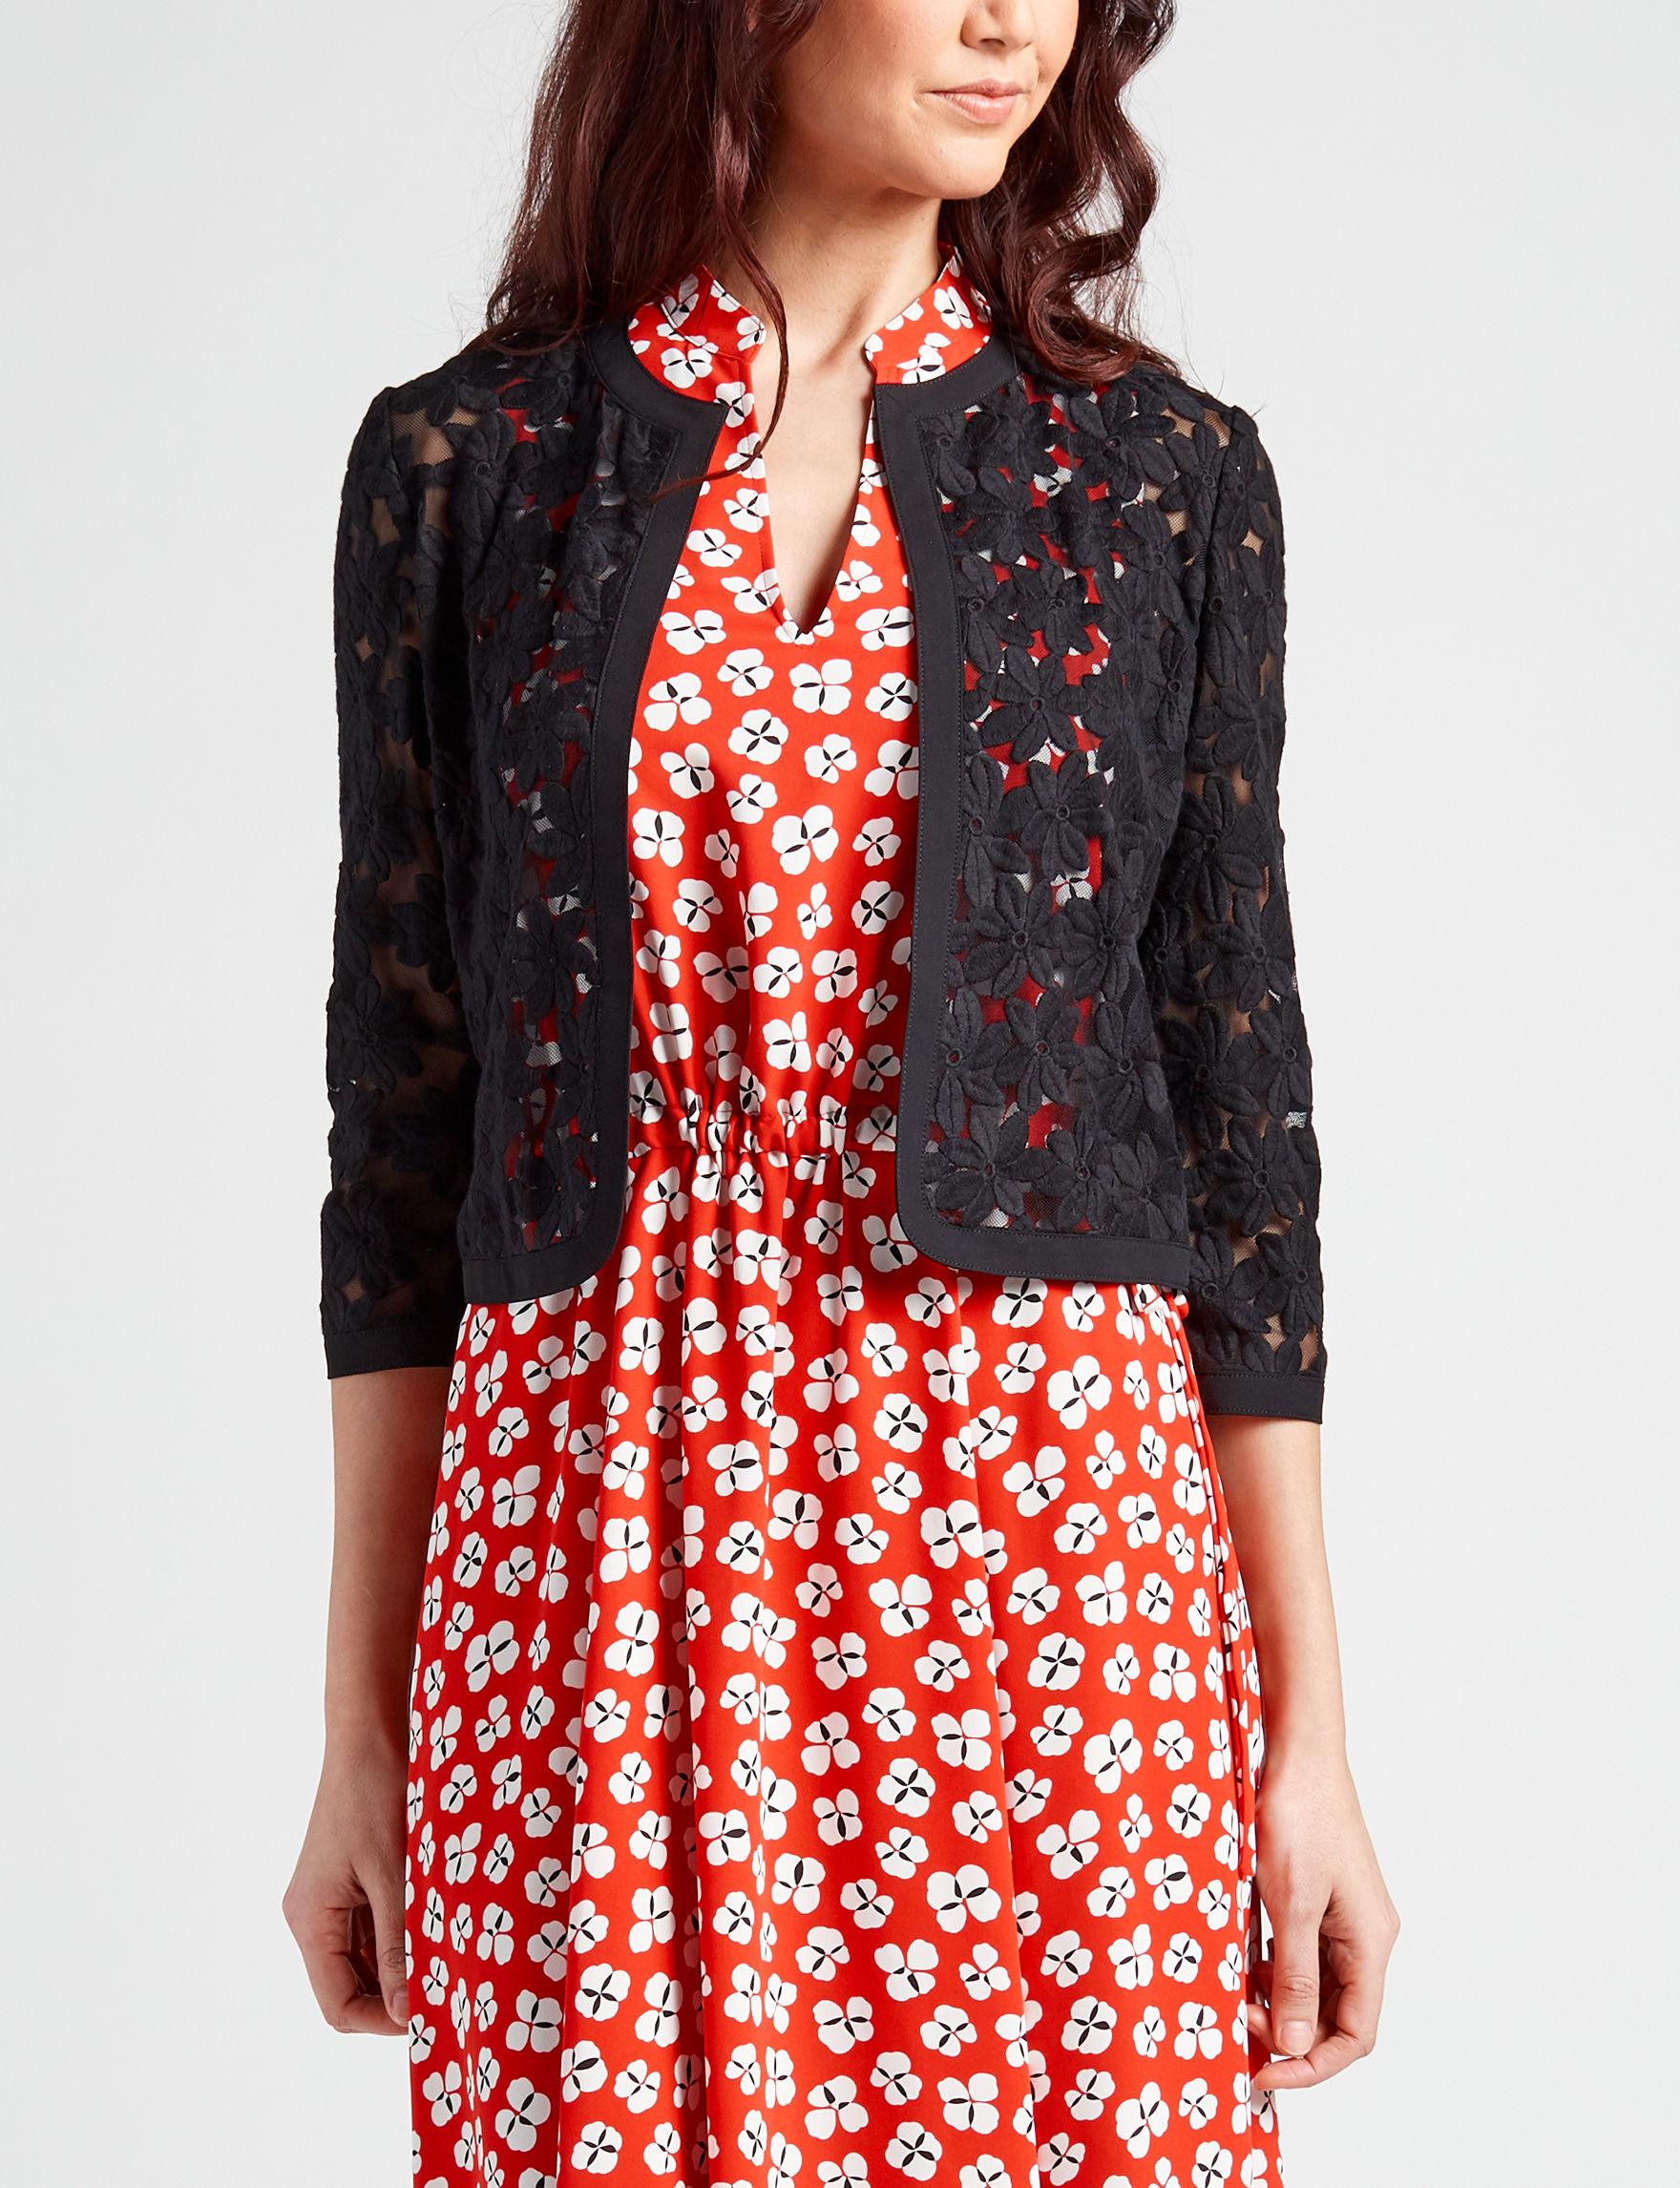 Anne Klein Black Lightweight Jackets & Blazers